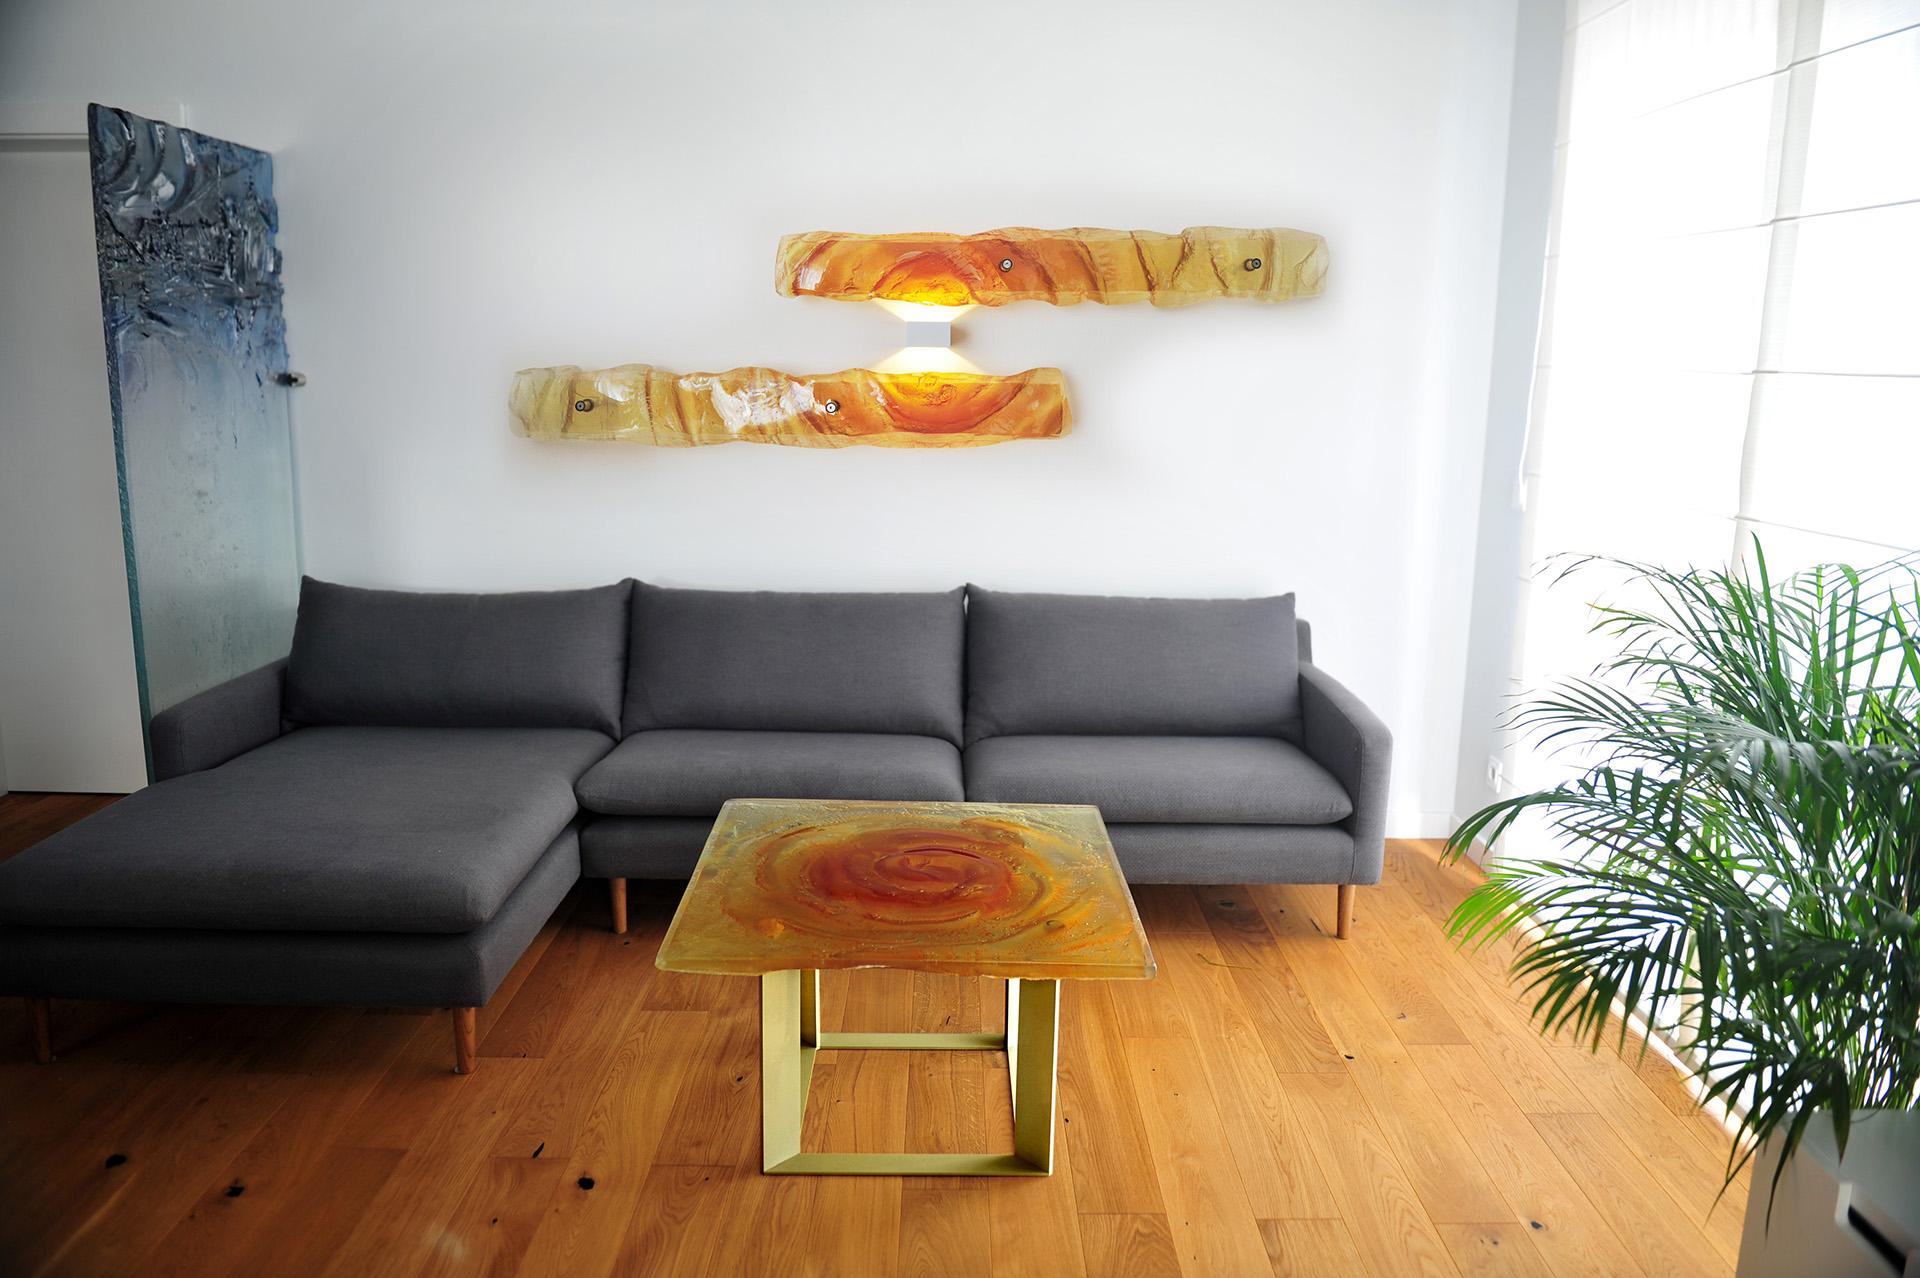 Archiglass Applied Arts Glass Table Stolik Szklany Bursztynowy Wulkan Amber Volcano Mosiądz Brass 80x80